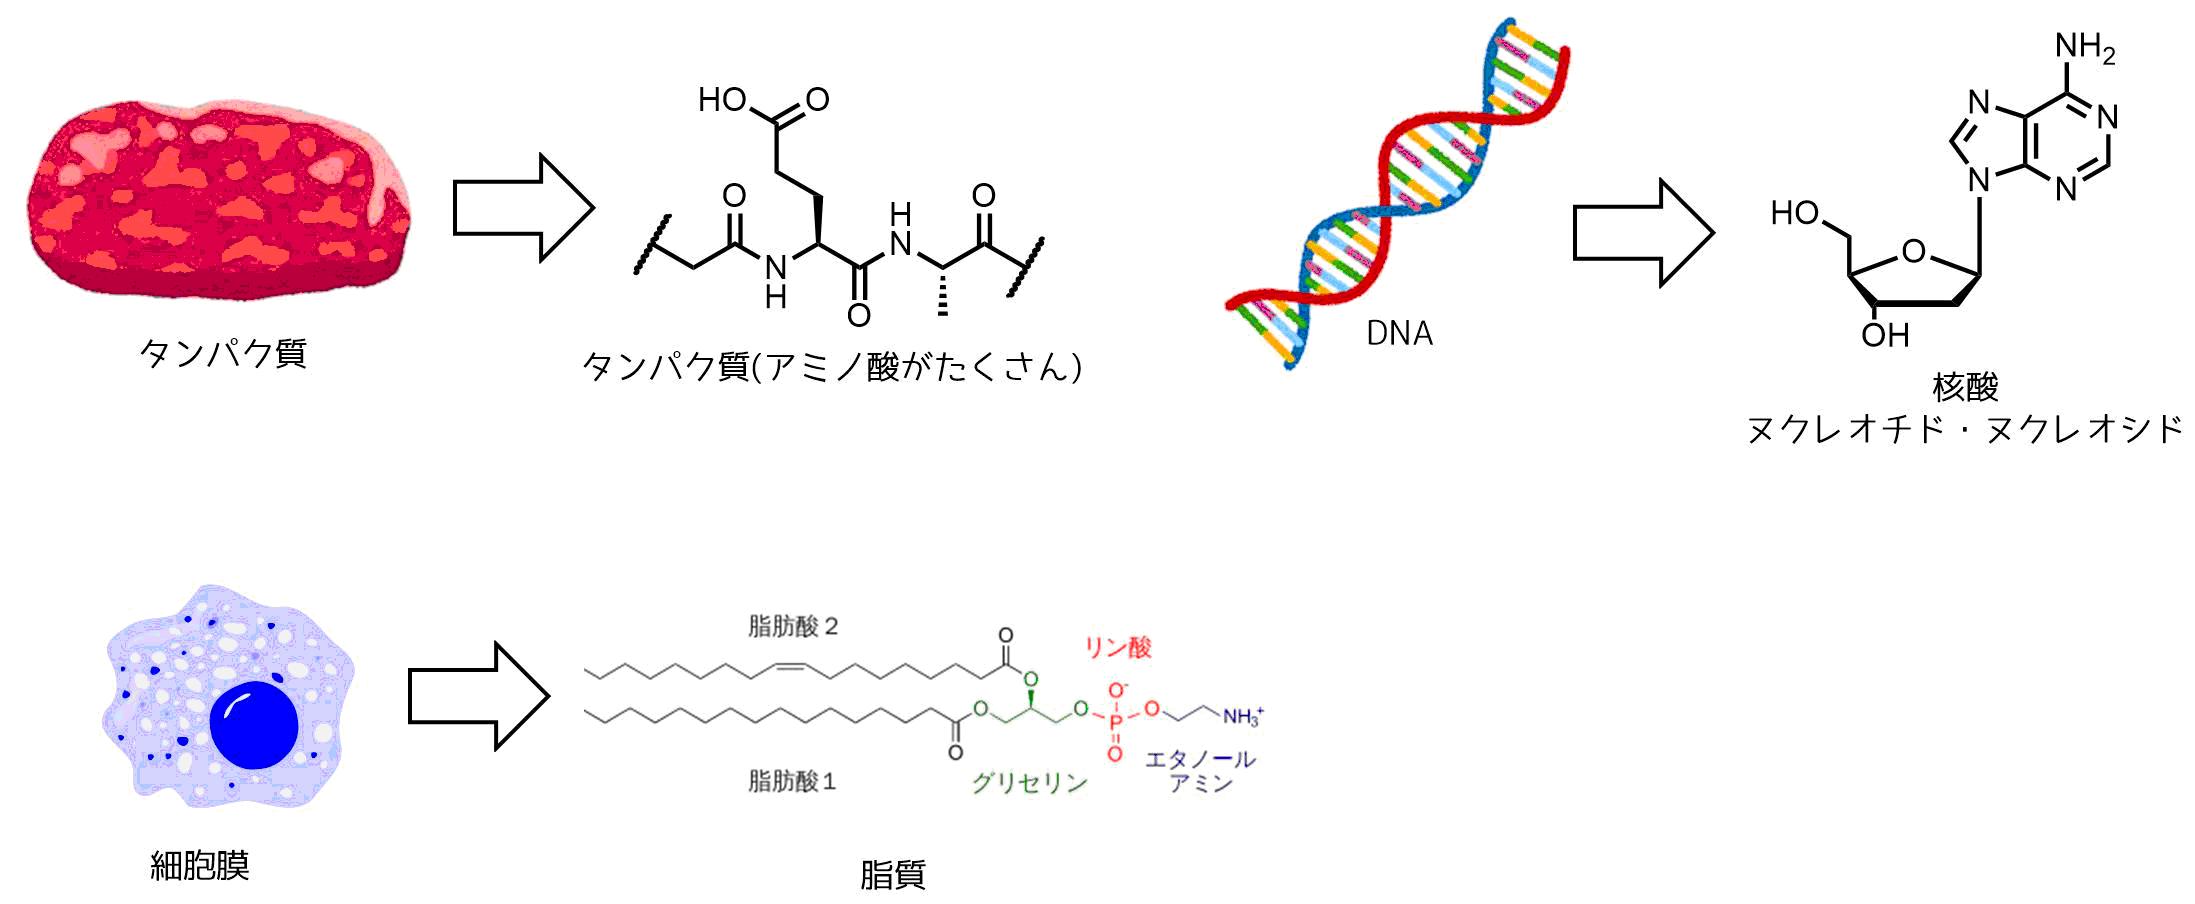 核酸とタンパク質と脂質